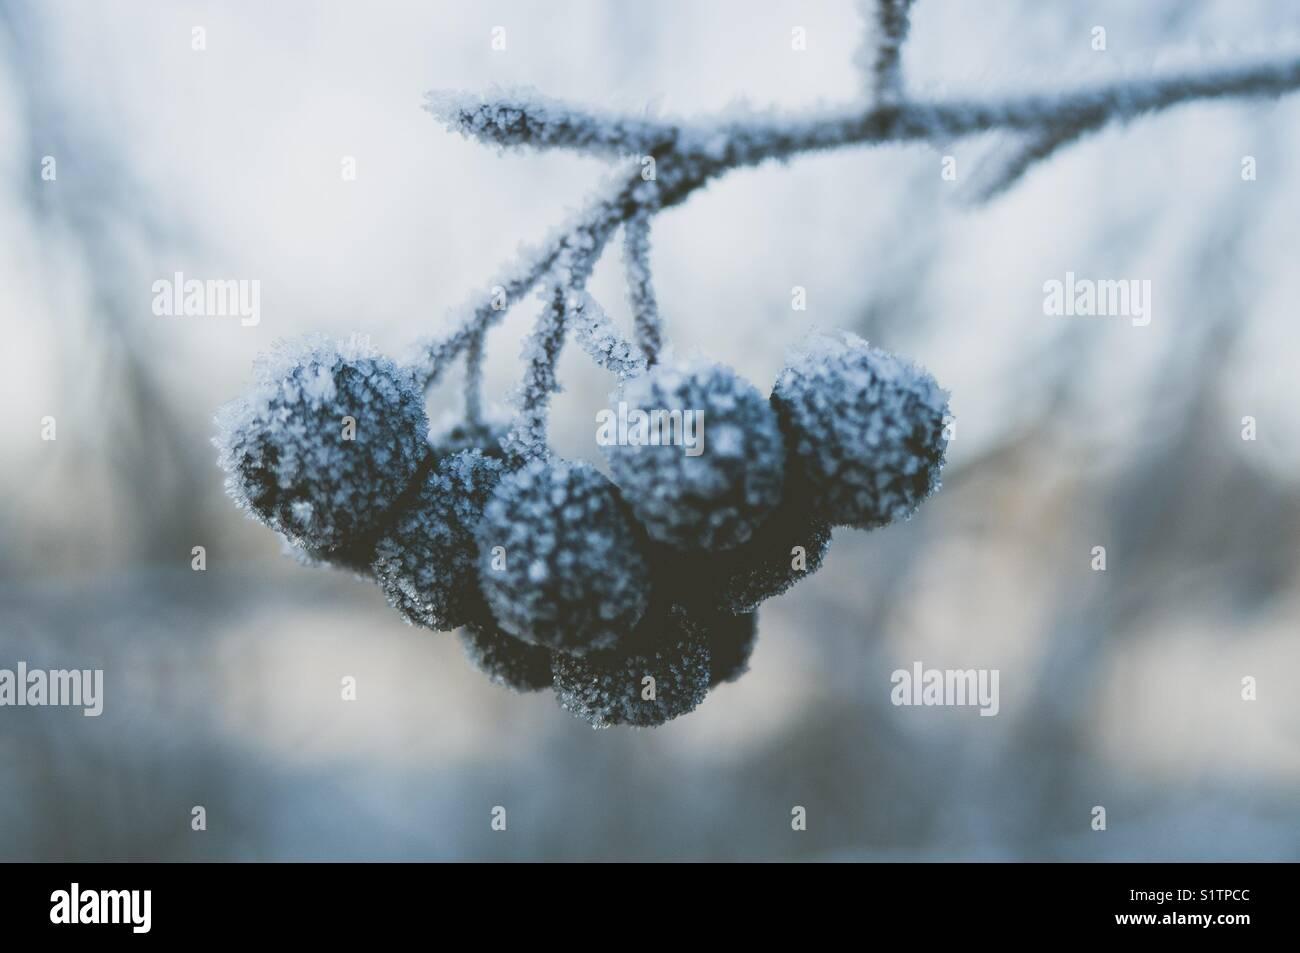 Frozen Aronia berries. - Stock Image